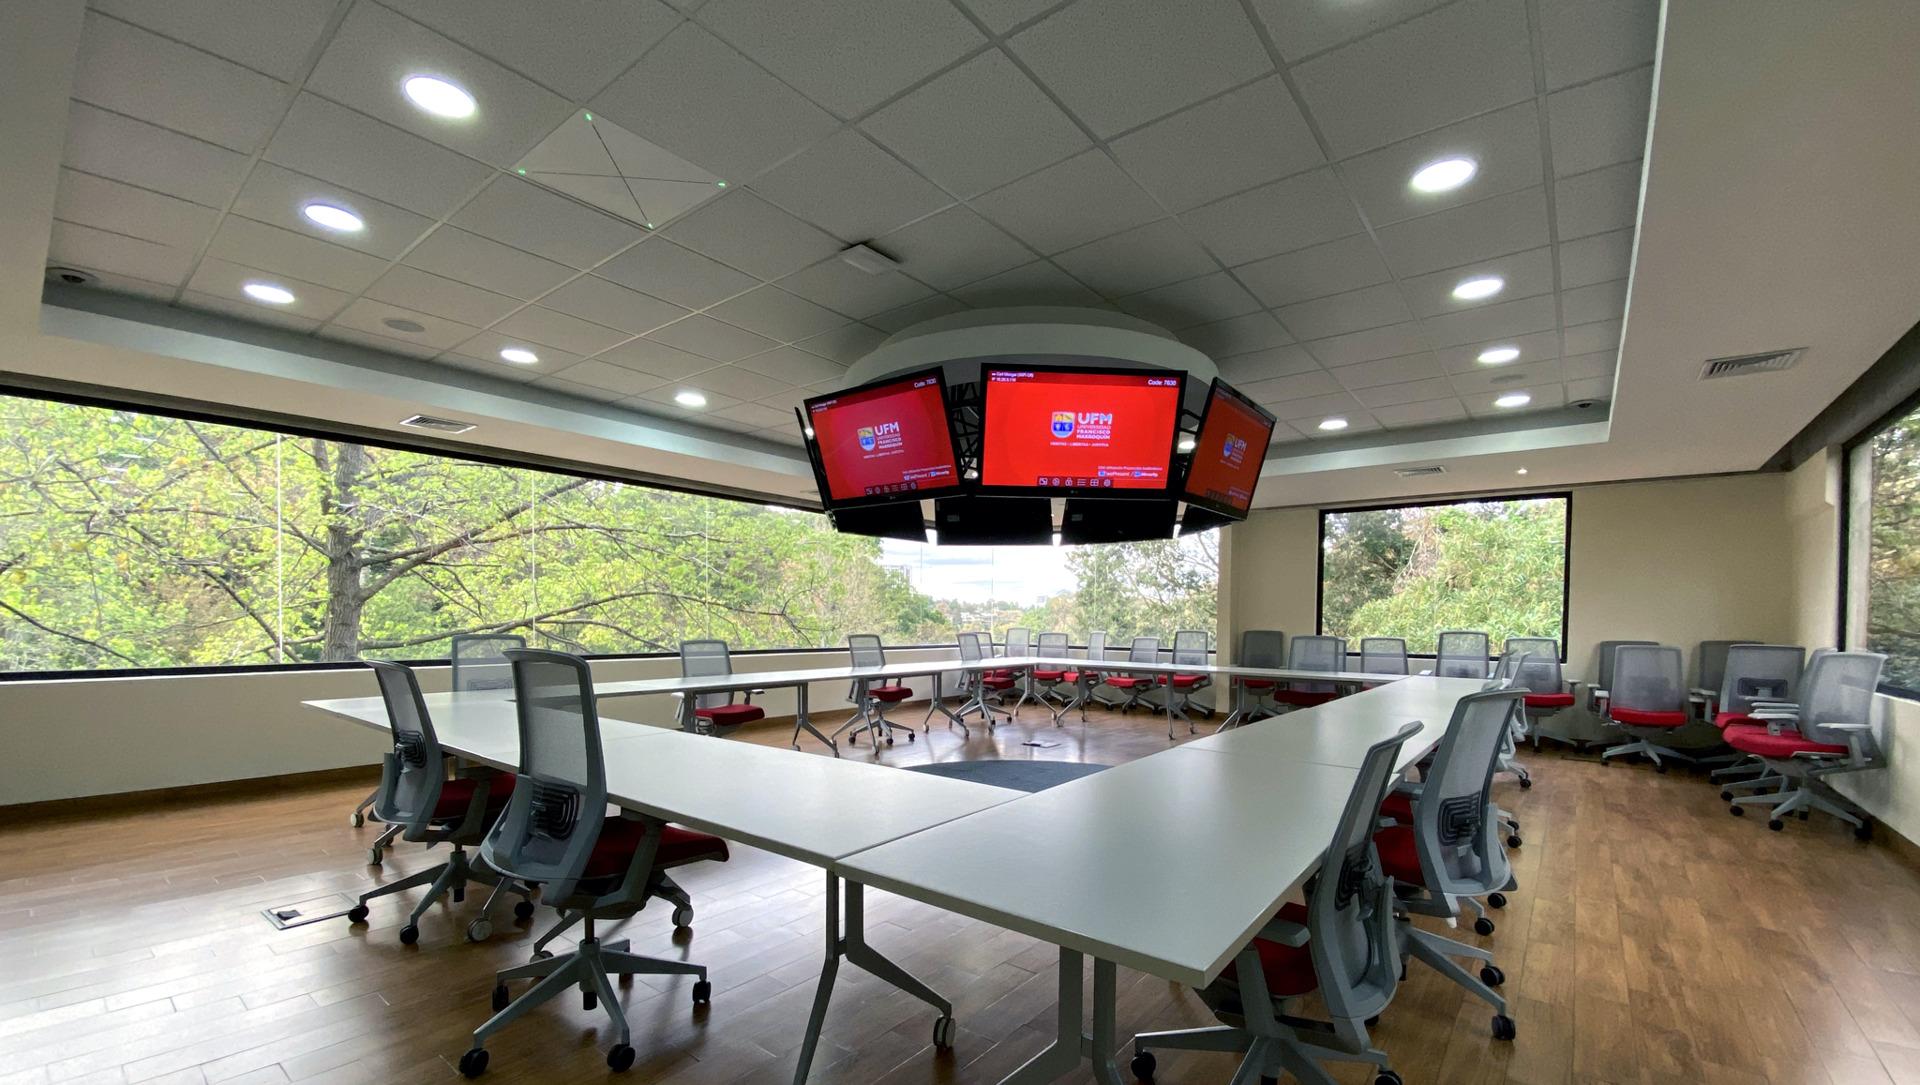 Sennheiser TeamConnect Ceiling 2 skal revolusjonere oppkoblingen og kommunikasjonen på Universidad Francisco Marroquín i Guatemala.